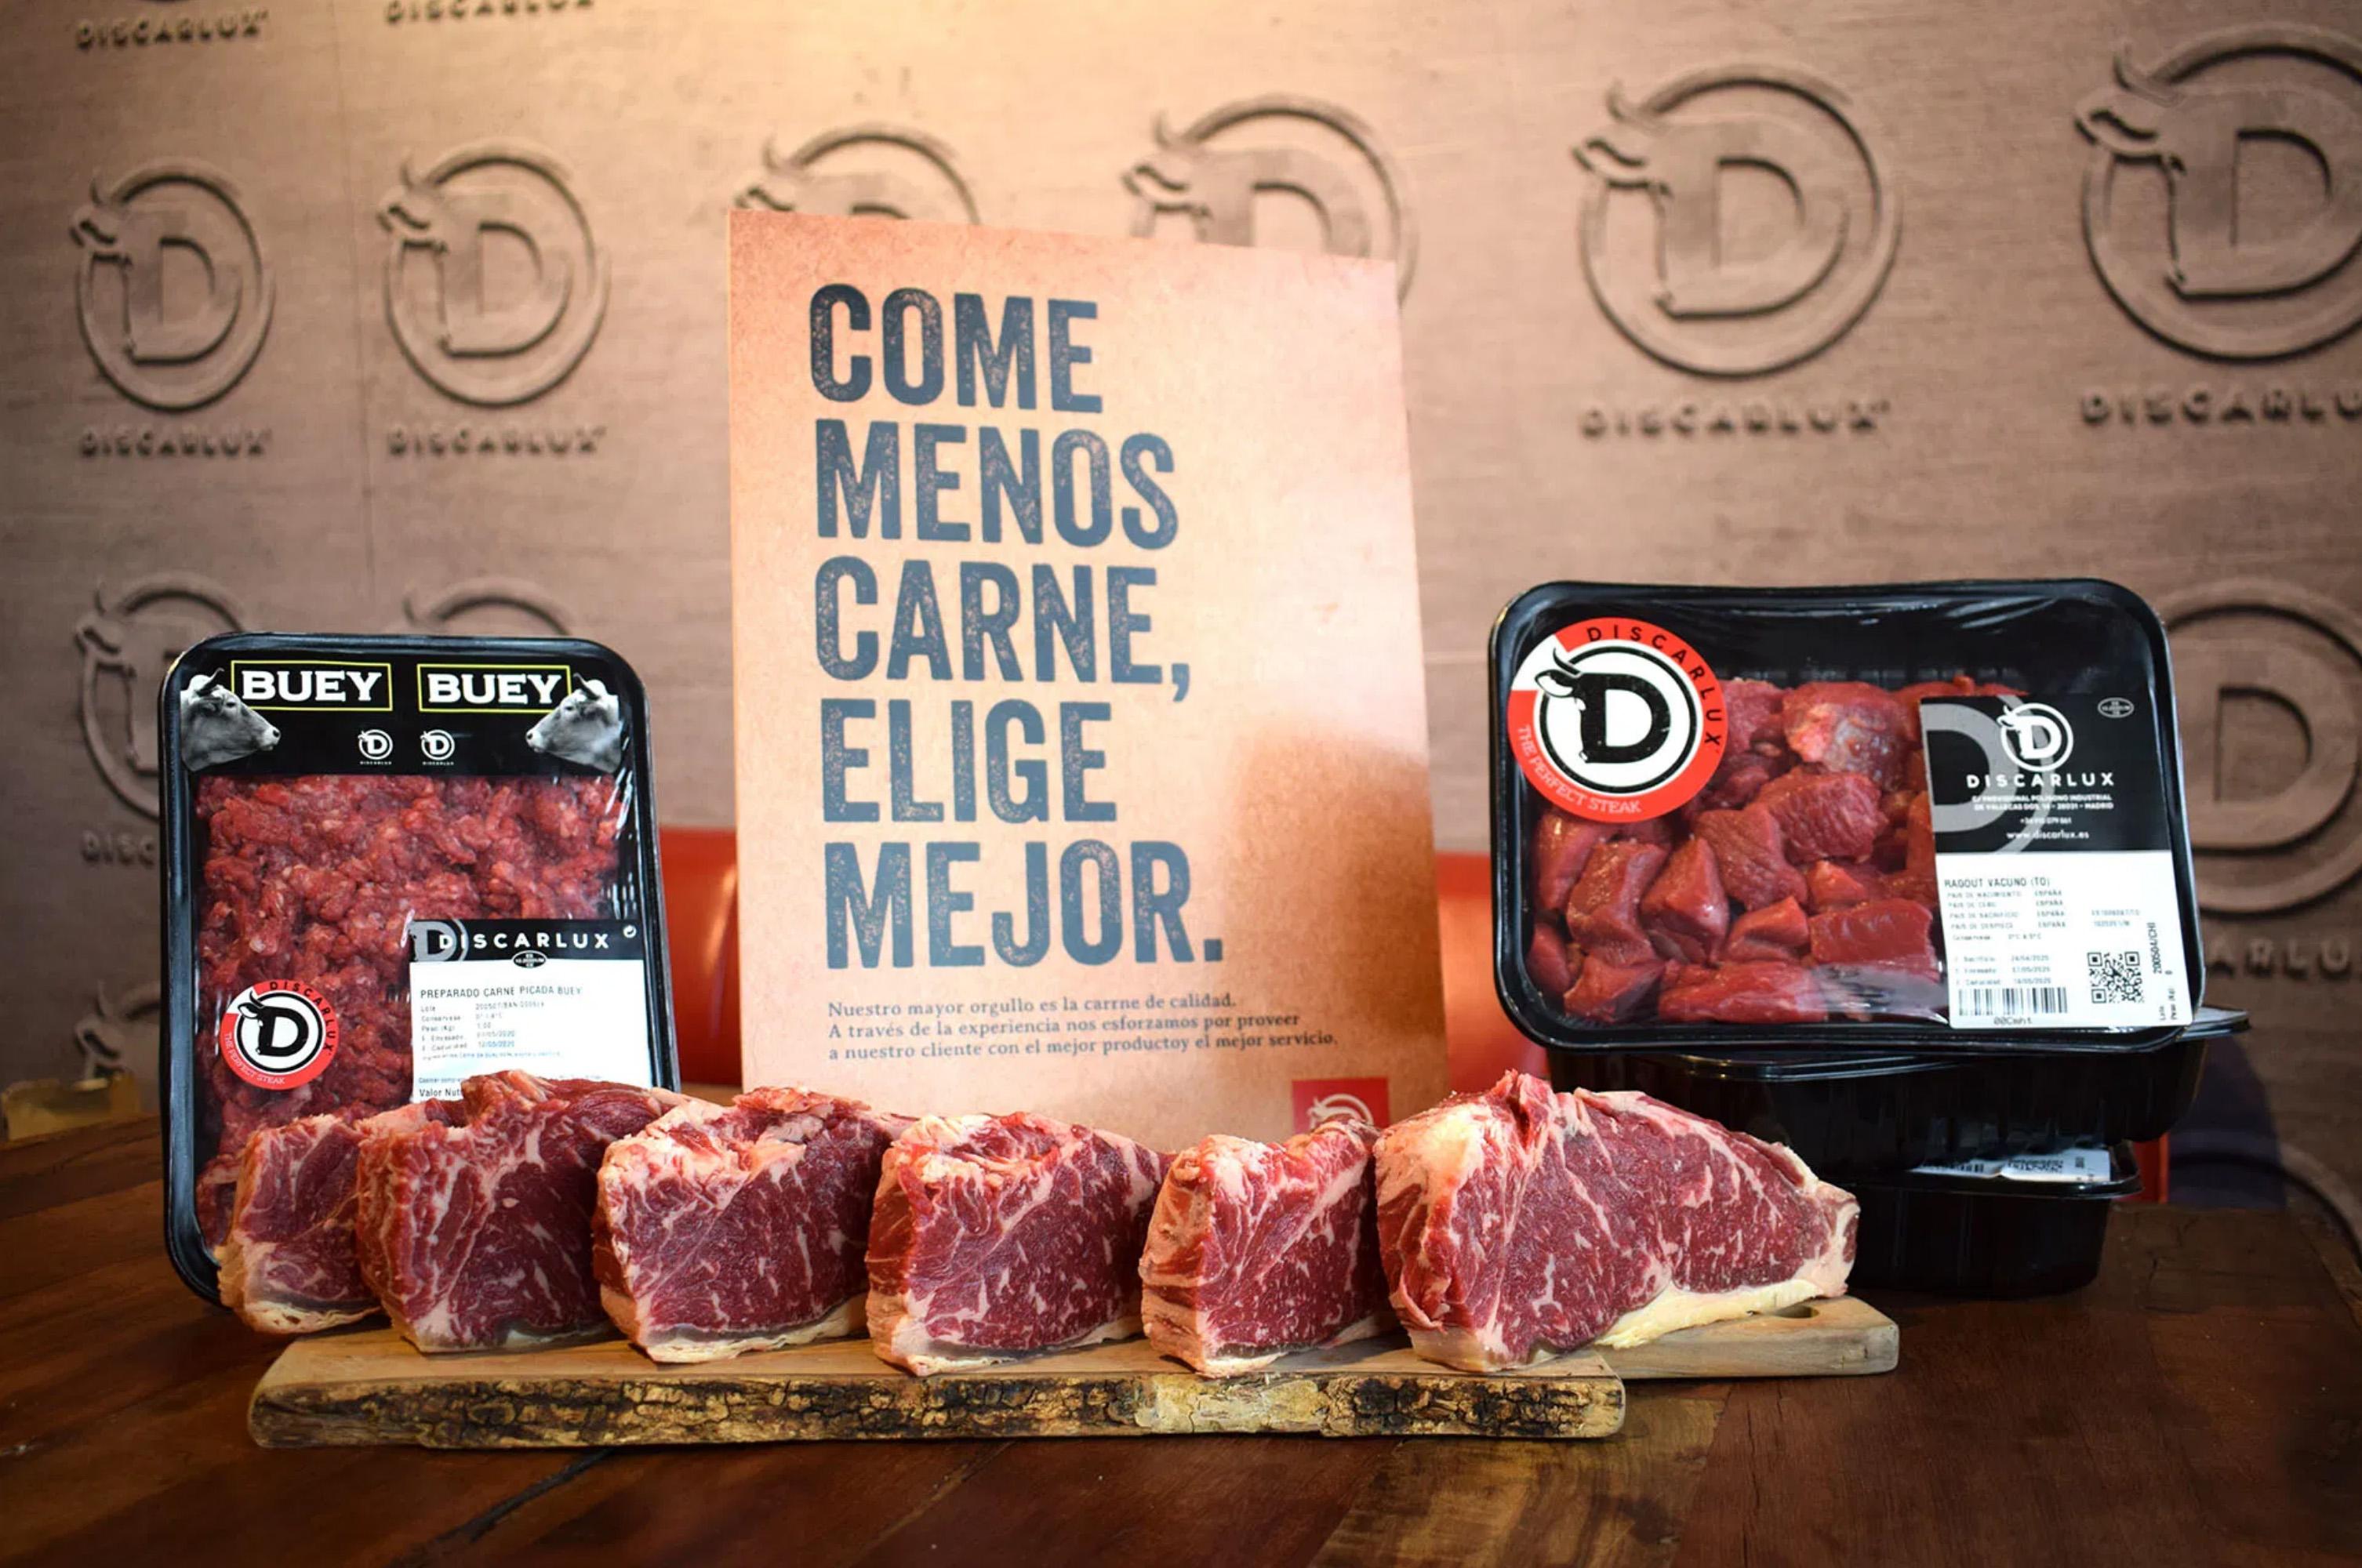 Pack familiar: 6 entrecots de vaca, 1 kg de carne picada de buey, 1 kg de carne picada de vaca, 1 kg de ragout de añojo y 1 kg de filetes de añojo.